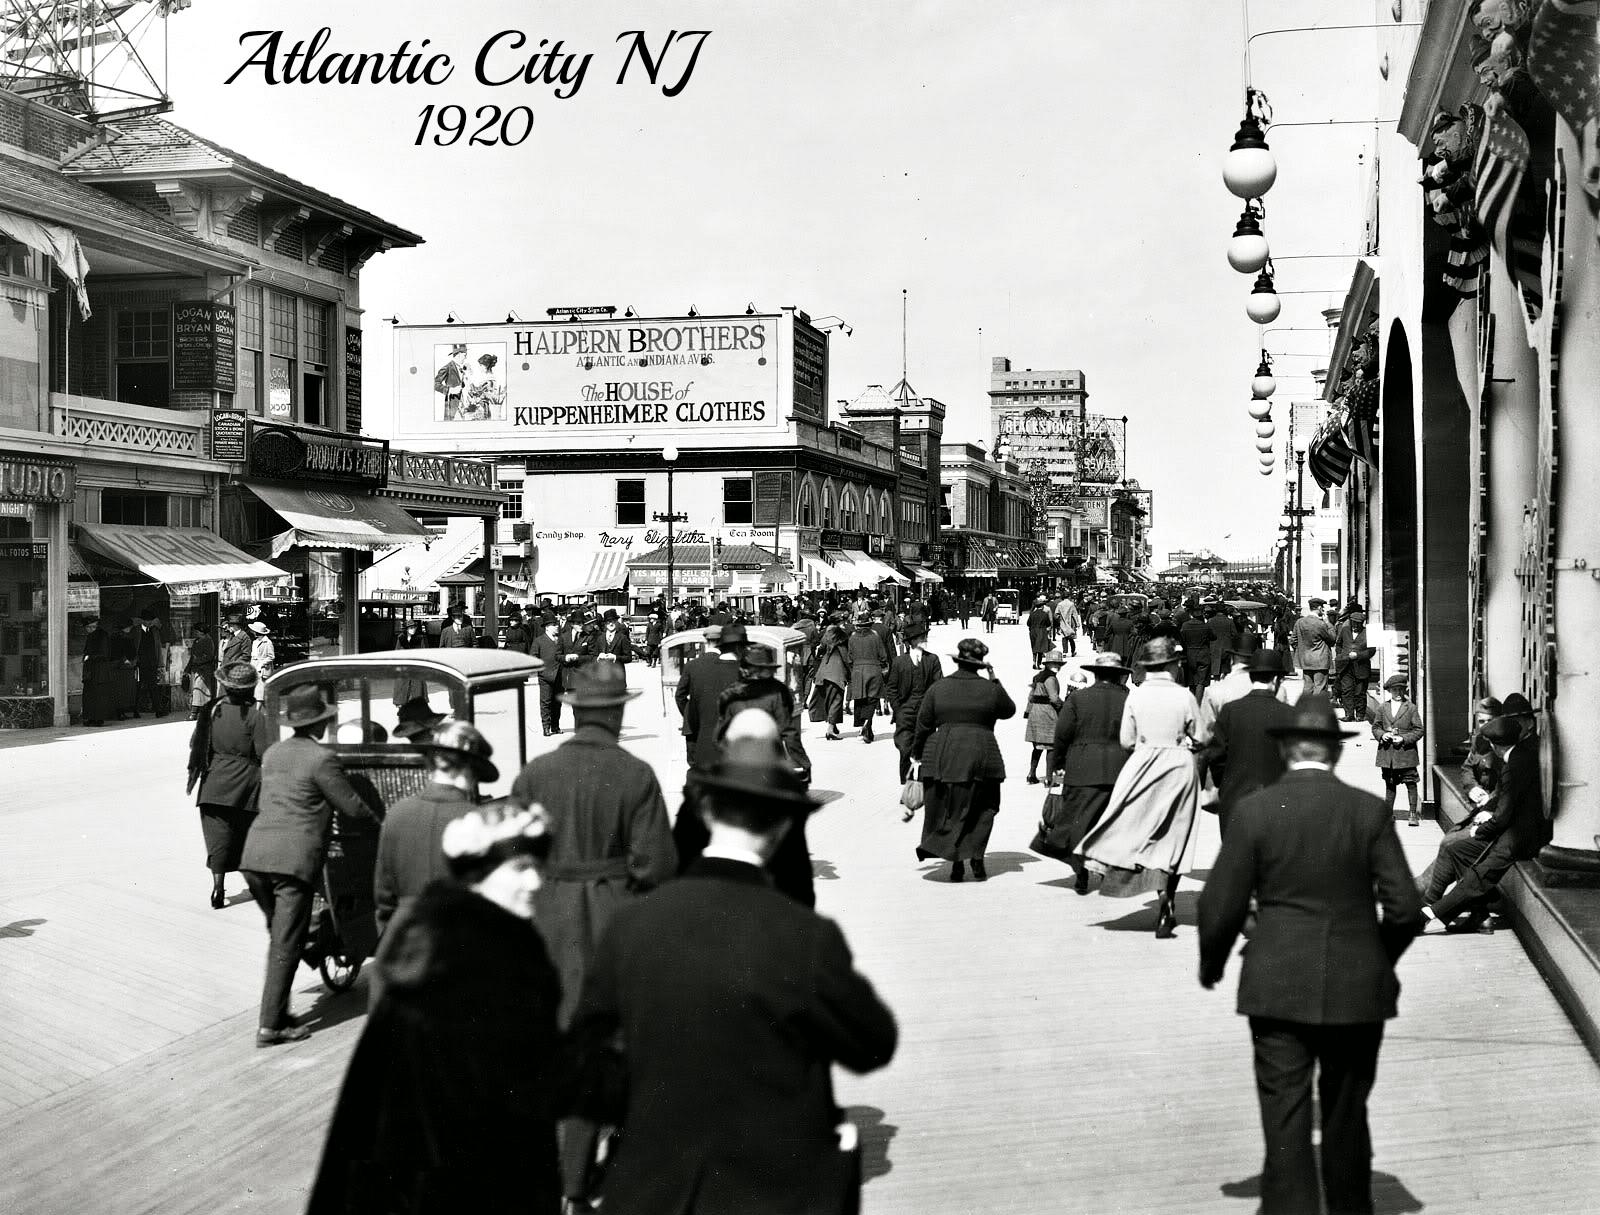 AC 1920s PM